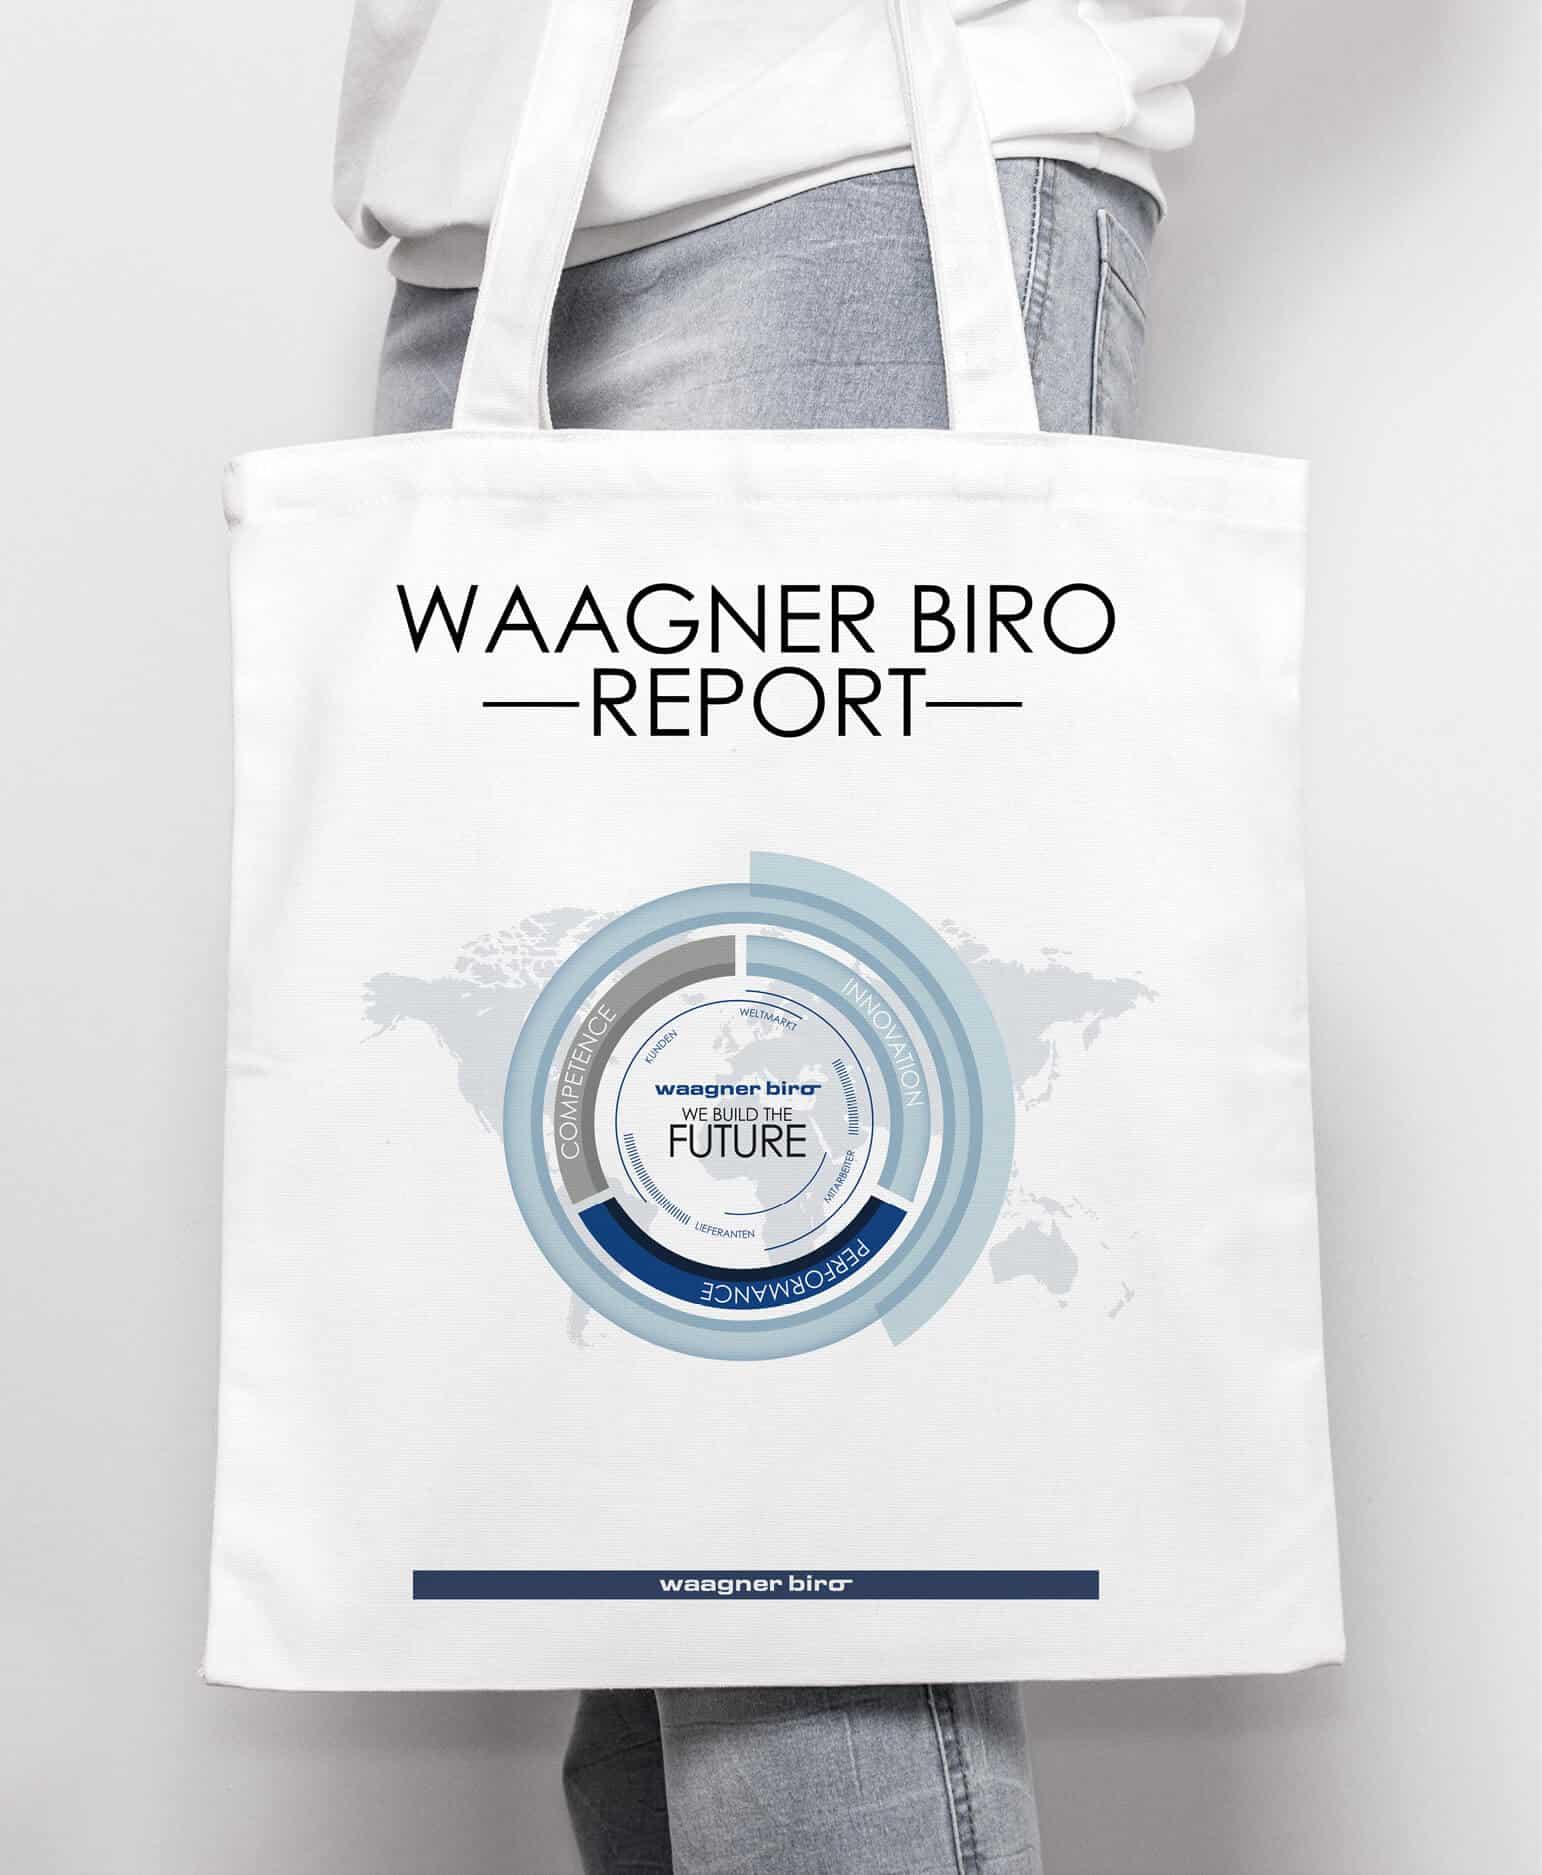 Waagner Biro